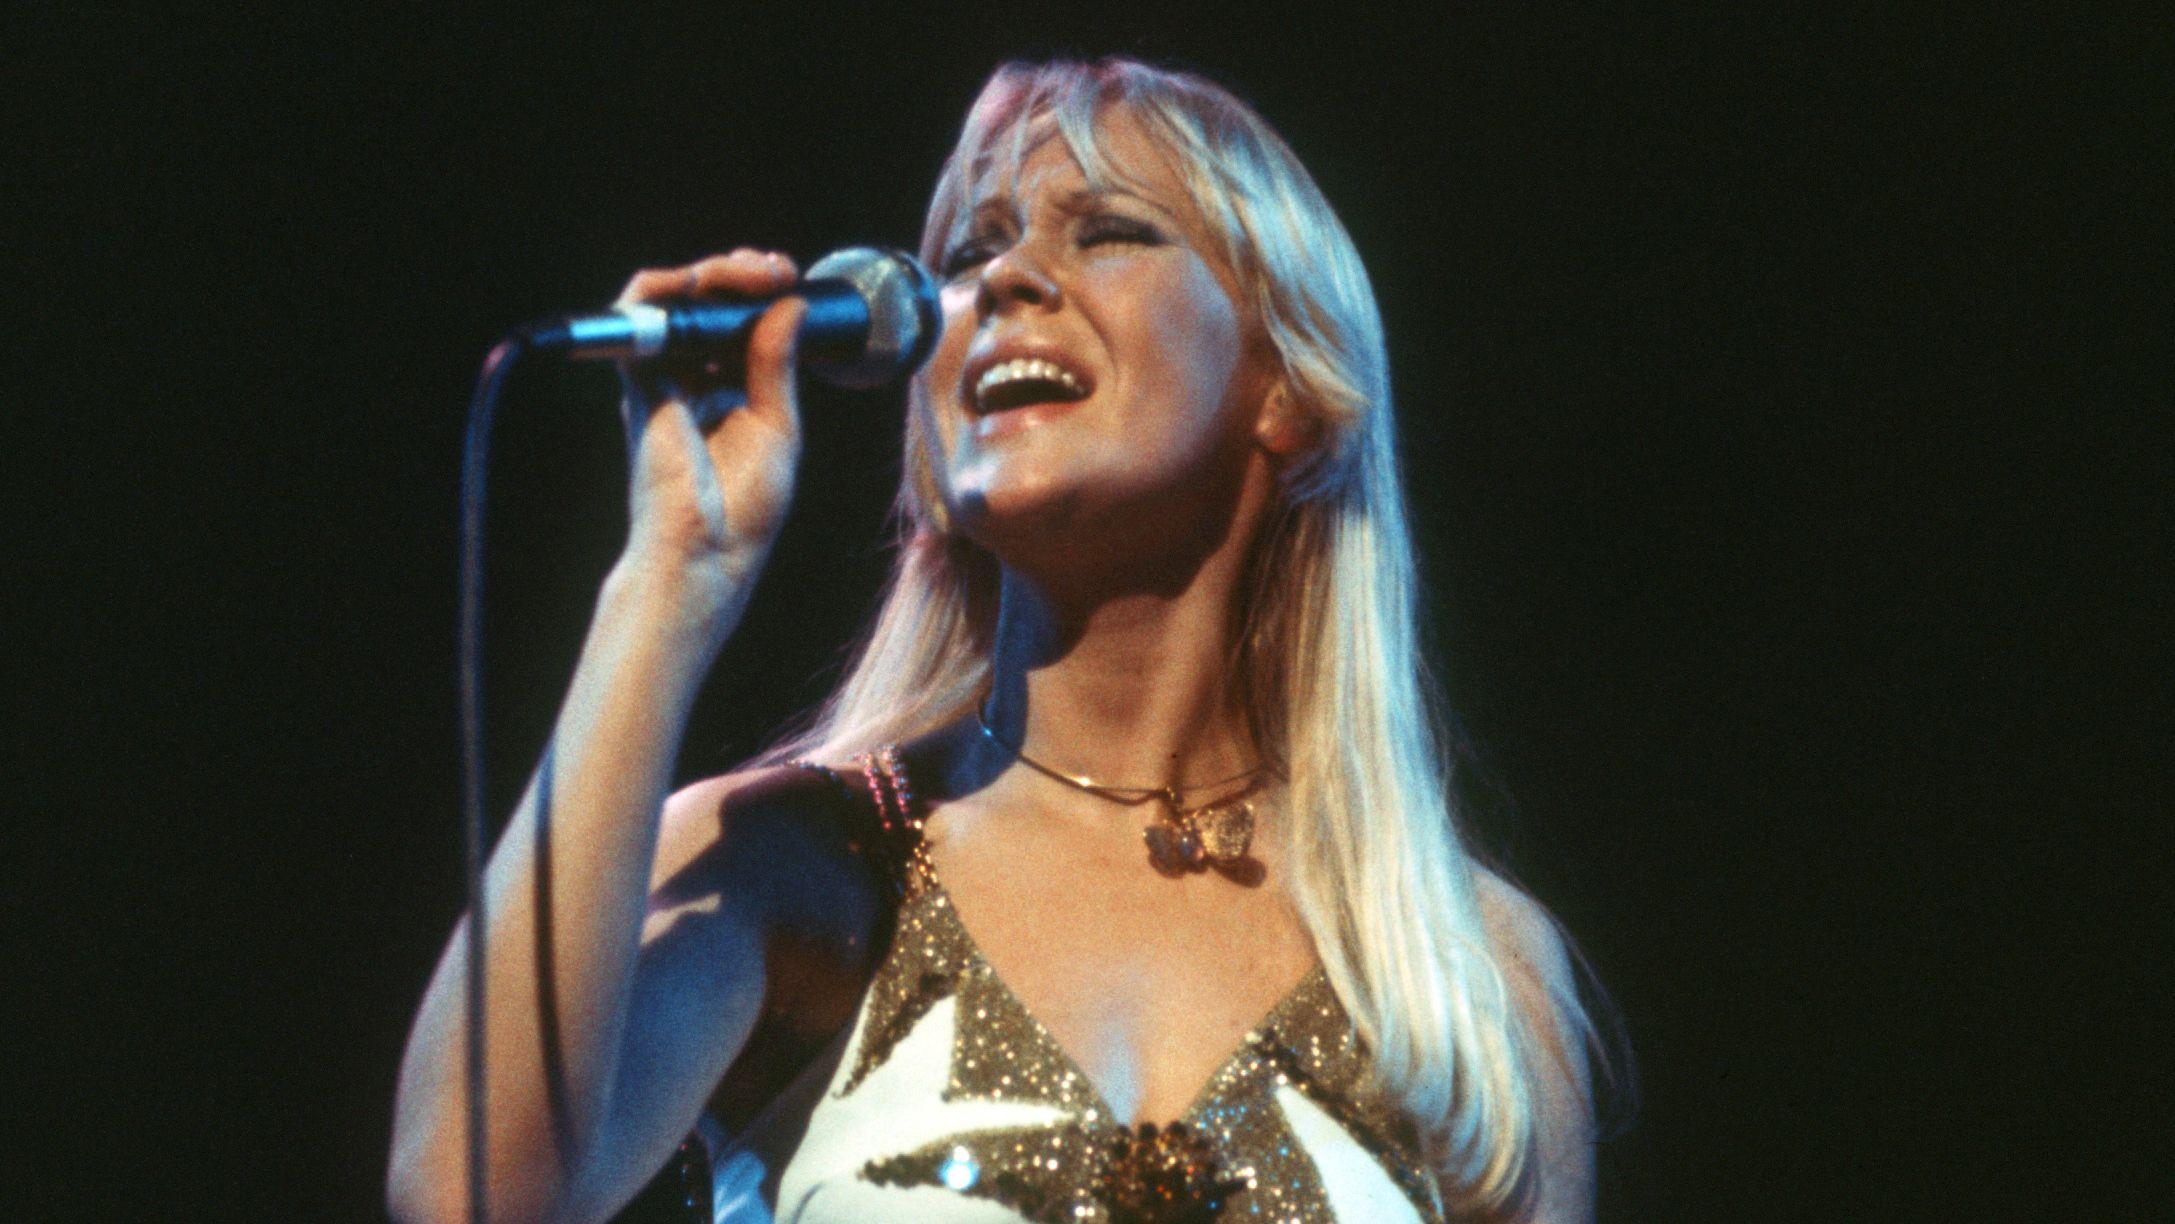 Agnetha Fältskog von der schwedischen Popgruppe Abba, aufgenommen bei einem Konzert der Band am 02.02.1977 in der Deutschlandhalle in Berlin im Rahmen ihrer Deutschland-Tournee.